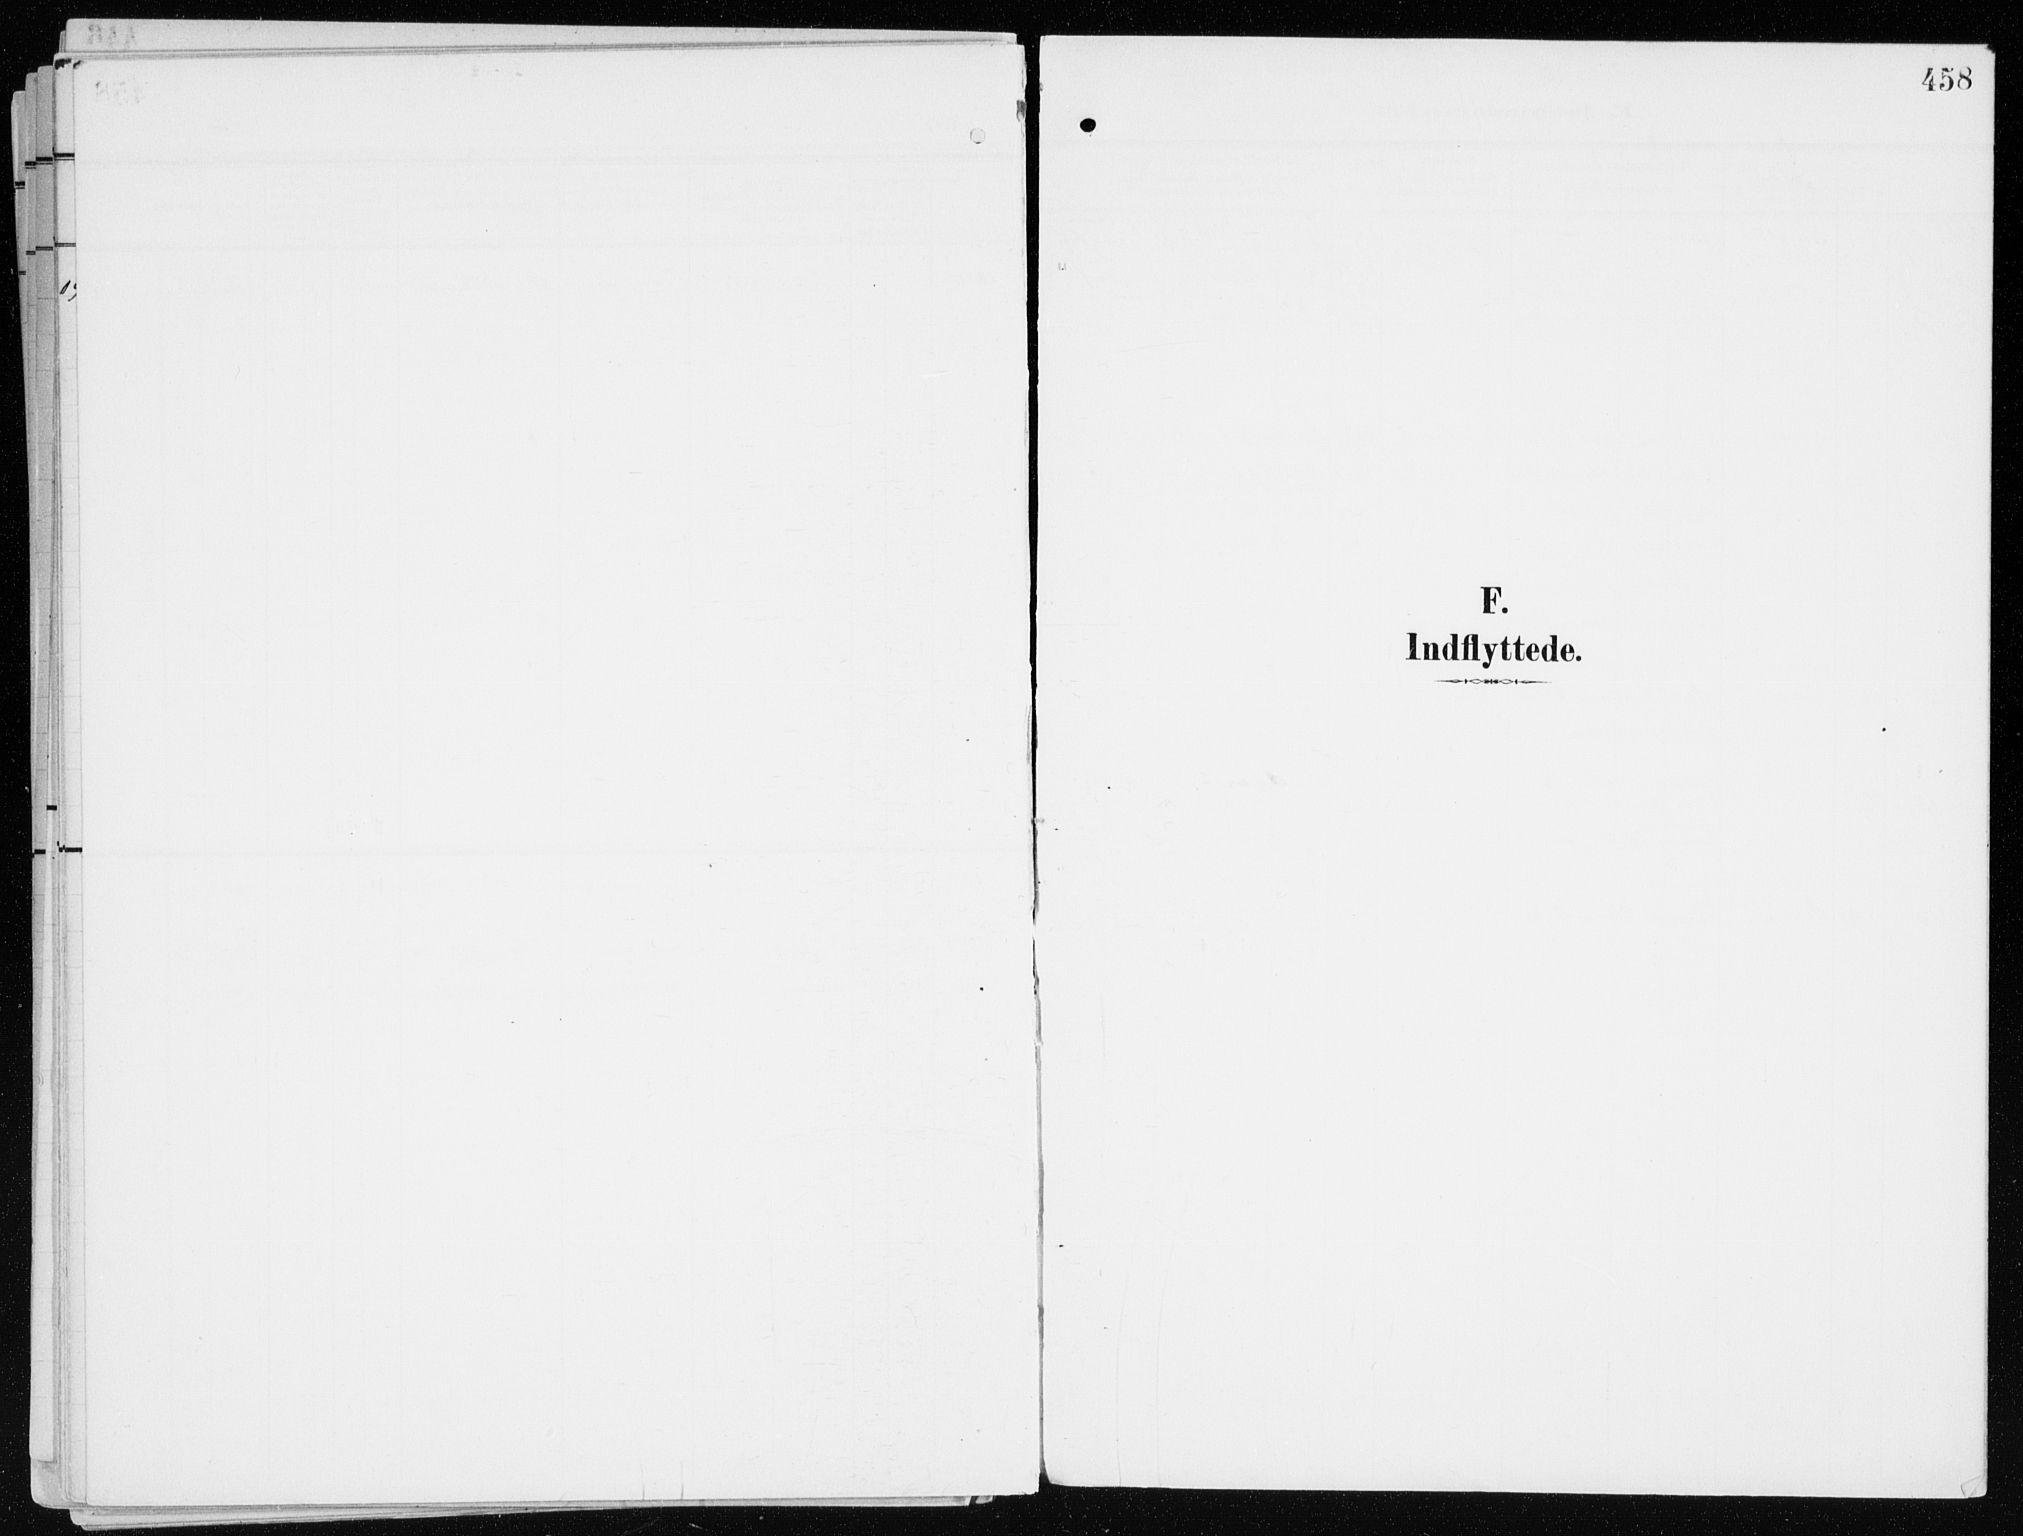 SAH, Furnes sokneprestkontor, K/Ka/L0001: Ministerialbok nr. 1, 1907-1935, s. 458